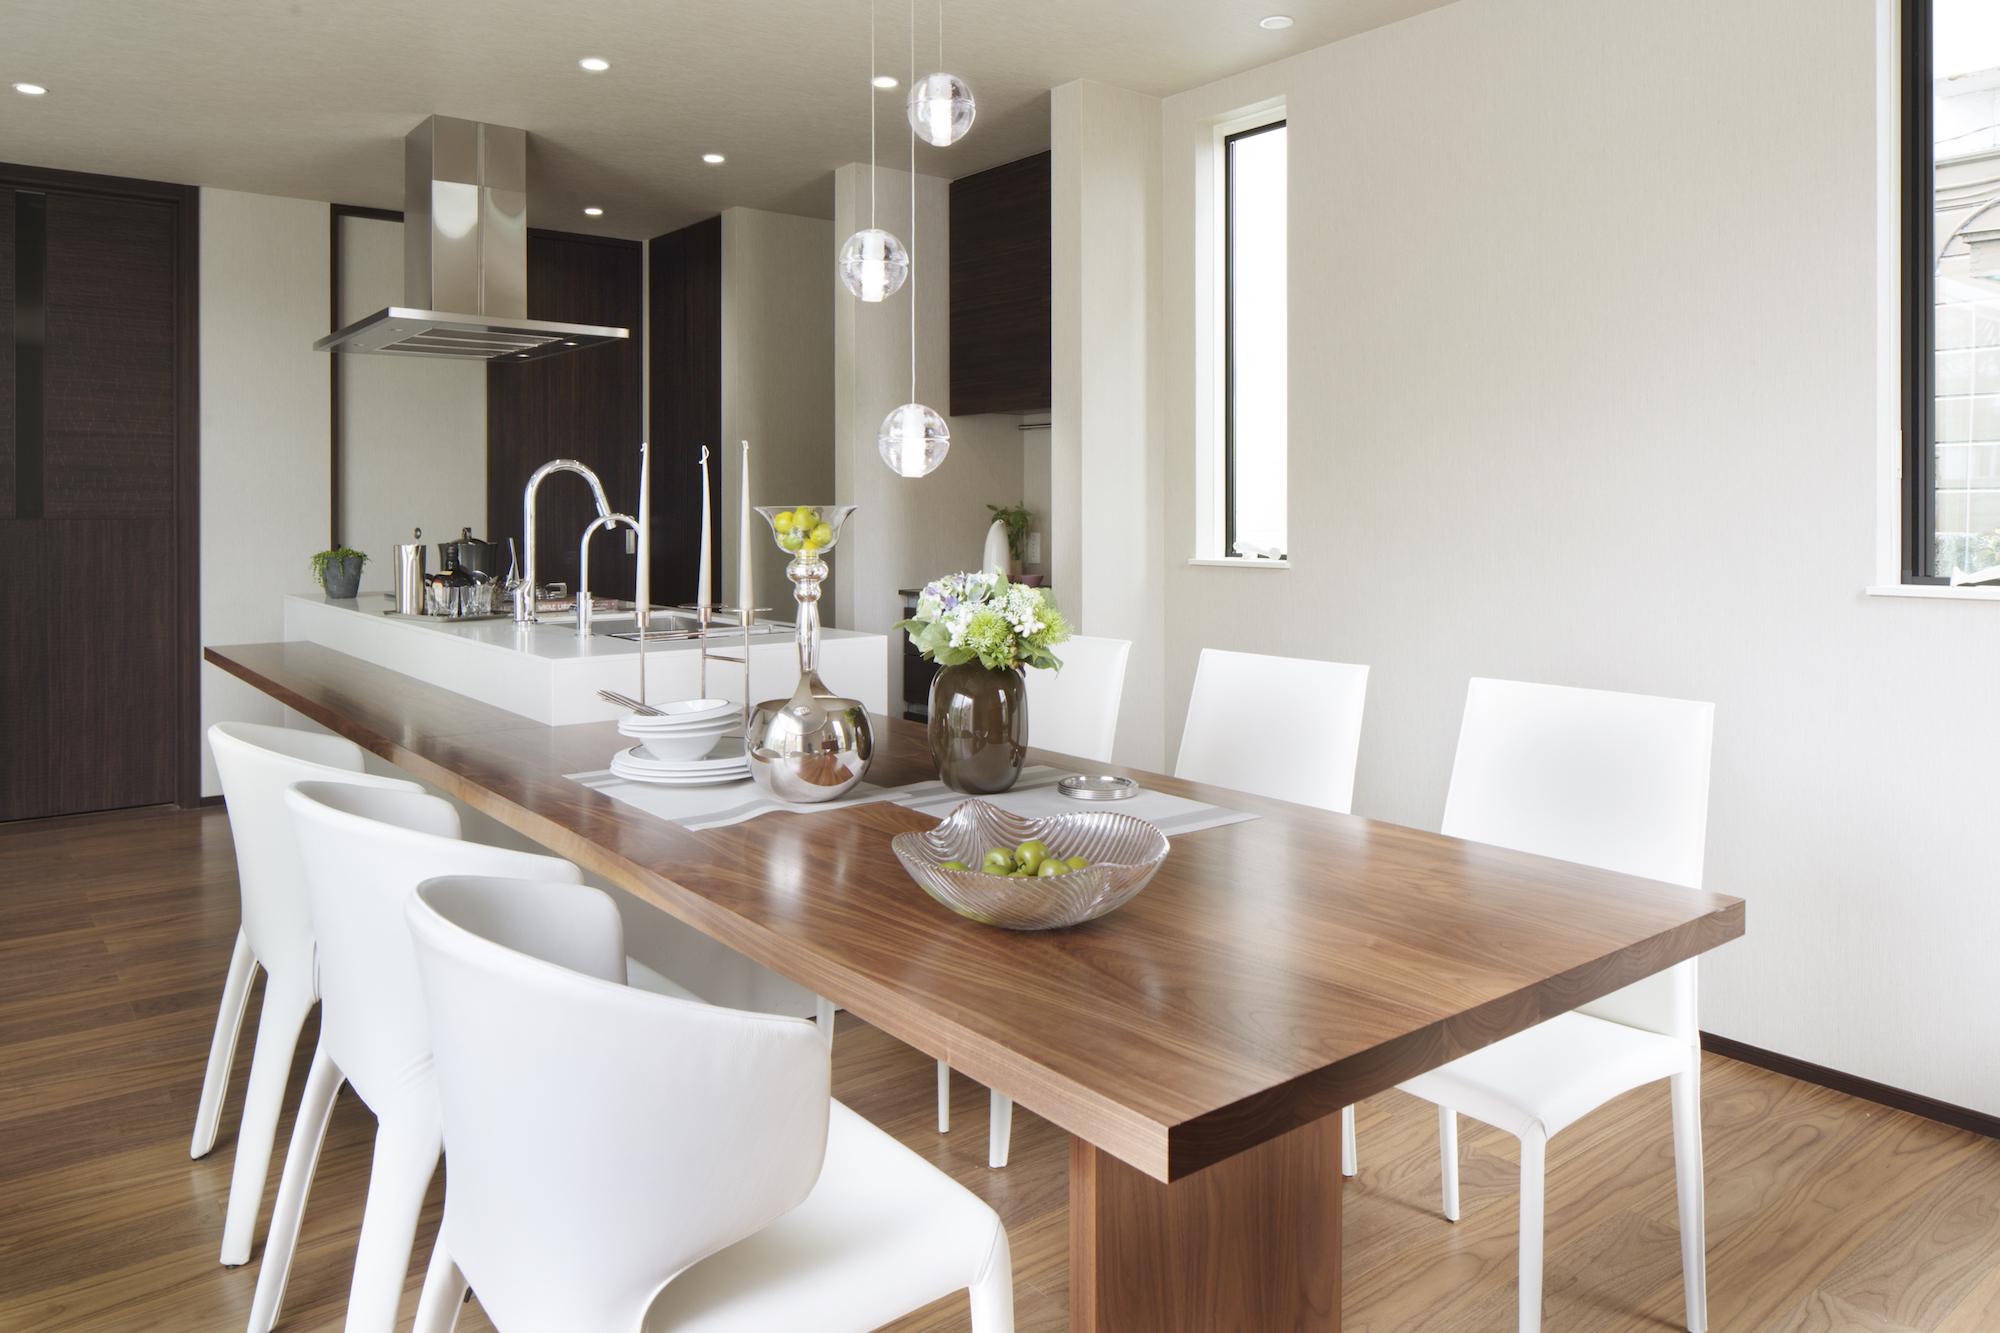 キッチンと一体のウォールナットのセンターテーブル イメージ